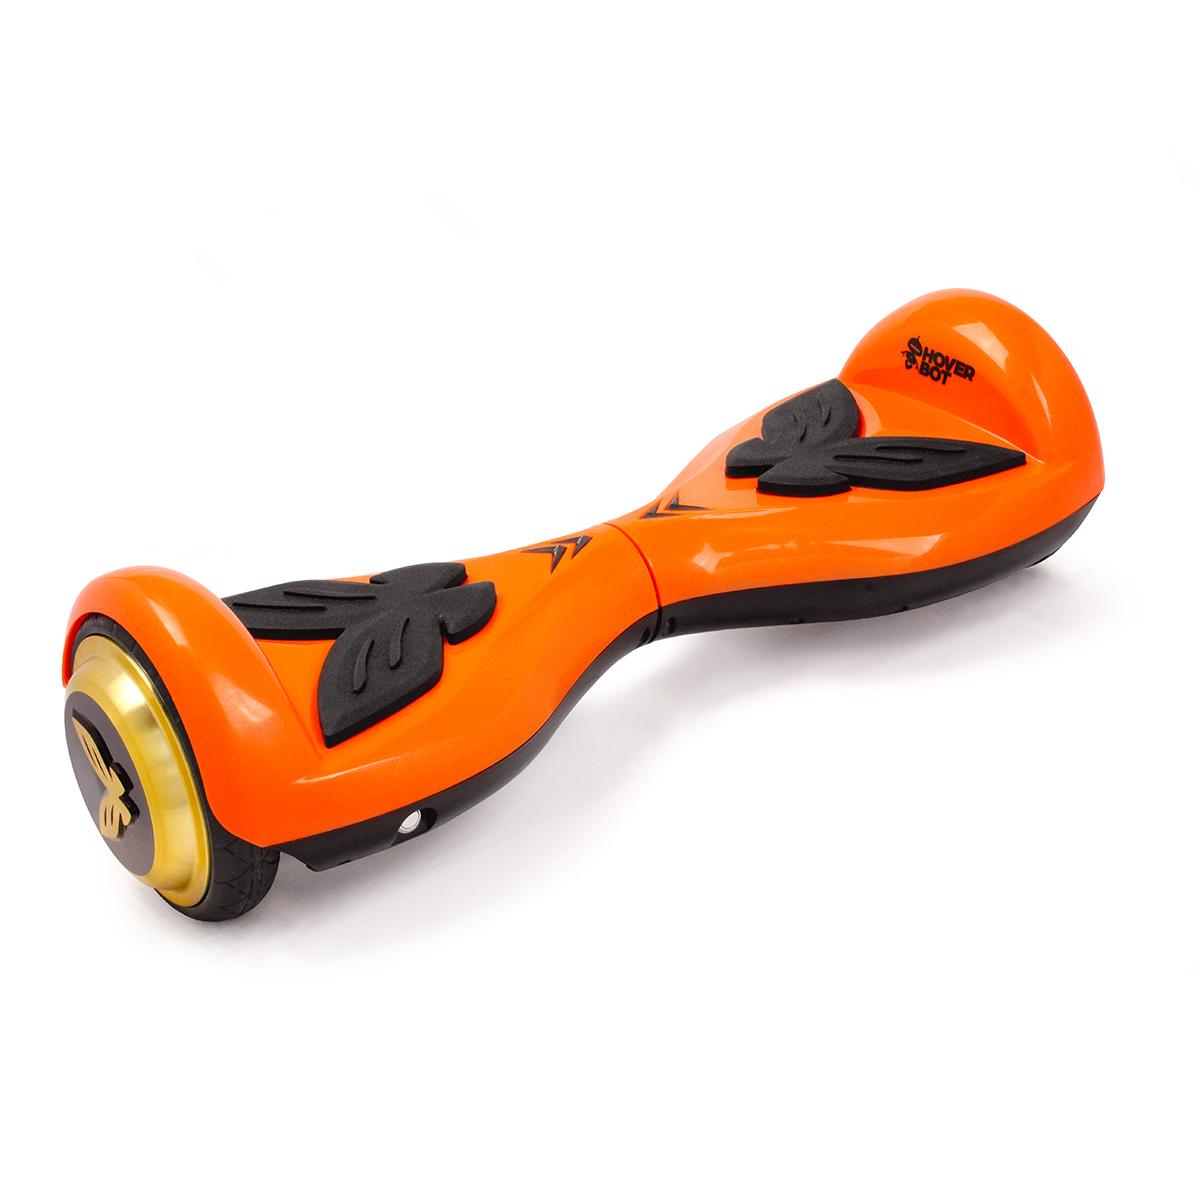 Гироскутер Hoverbot K-2, детский, цвет: оранжевыйAIRWHEEL Q3-340WH-BLACKHoverbot K-2 детская модель гироборда. Идеально подойдёт для ребёнка весом до 60 кг, который делает свои первые пробные заезды. Управлять данным устройством очень легко, и ваш ребёнок быстро освоит все азы управления. Педали из мягкой резины выполнены в форме бабочек. Дизайн гироборда оценят девочки любого возраста. Колёса выполнены из прочной резины, колёсные диски имеют золотой цвет. Покупая Hoverbot K-2 вы приобретаете долговечное и безопасное устройство из прочного пластика, в ярком дизайне и с отличными техническими характеристиками. Технические характеристики: Возможная дистанция: 10 кмМаксимальная скорость: 5 км/чАккумулятор: Lithium 42V 2.2 AHРазмер колеса: 4,5 dМощность мотора: 2 х 250WМаксимальная нагрузка: 60 кгВремя заряда/сеть: 60 мин/220ВВес нетто: 6 кгВес брутто: 8 кгВлагозащита: IP54, Условия эксплуатации: -10°C + 50°C. Комплектация: Зарядное устройство, гарантийный талон, сертификат, инструкция